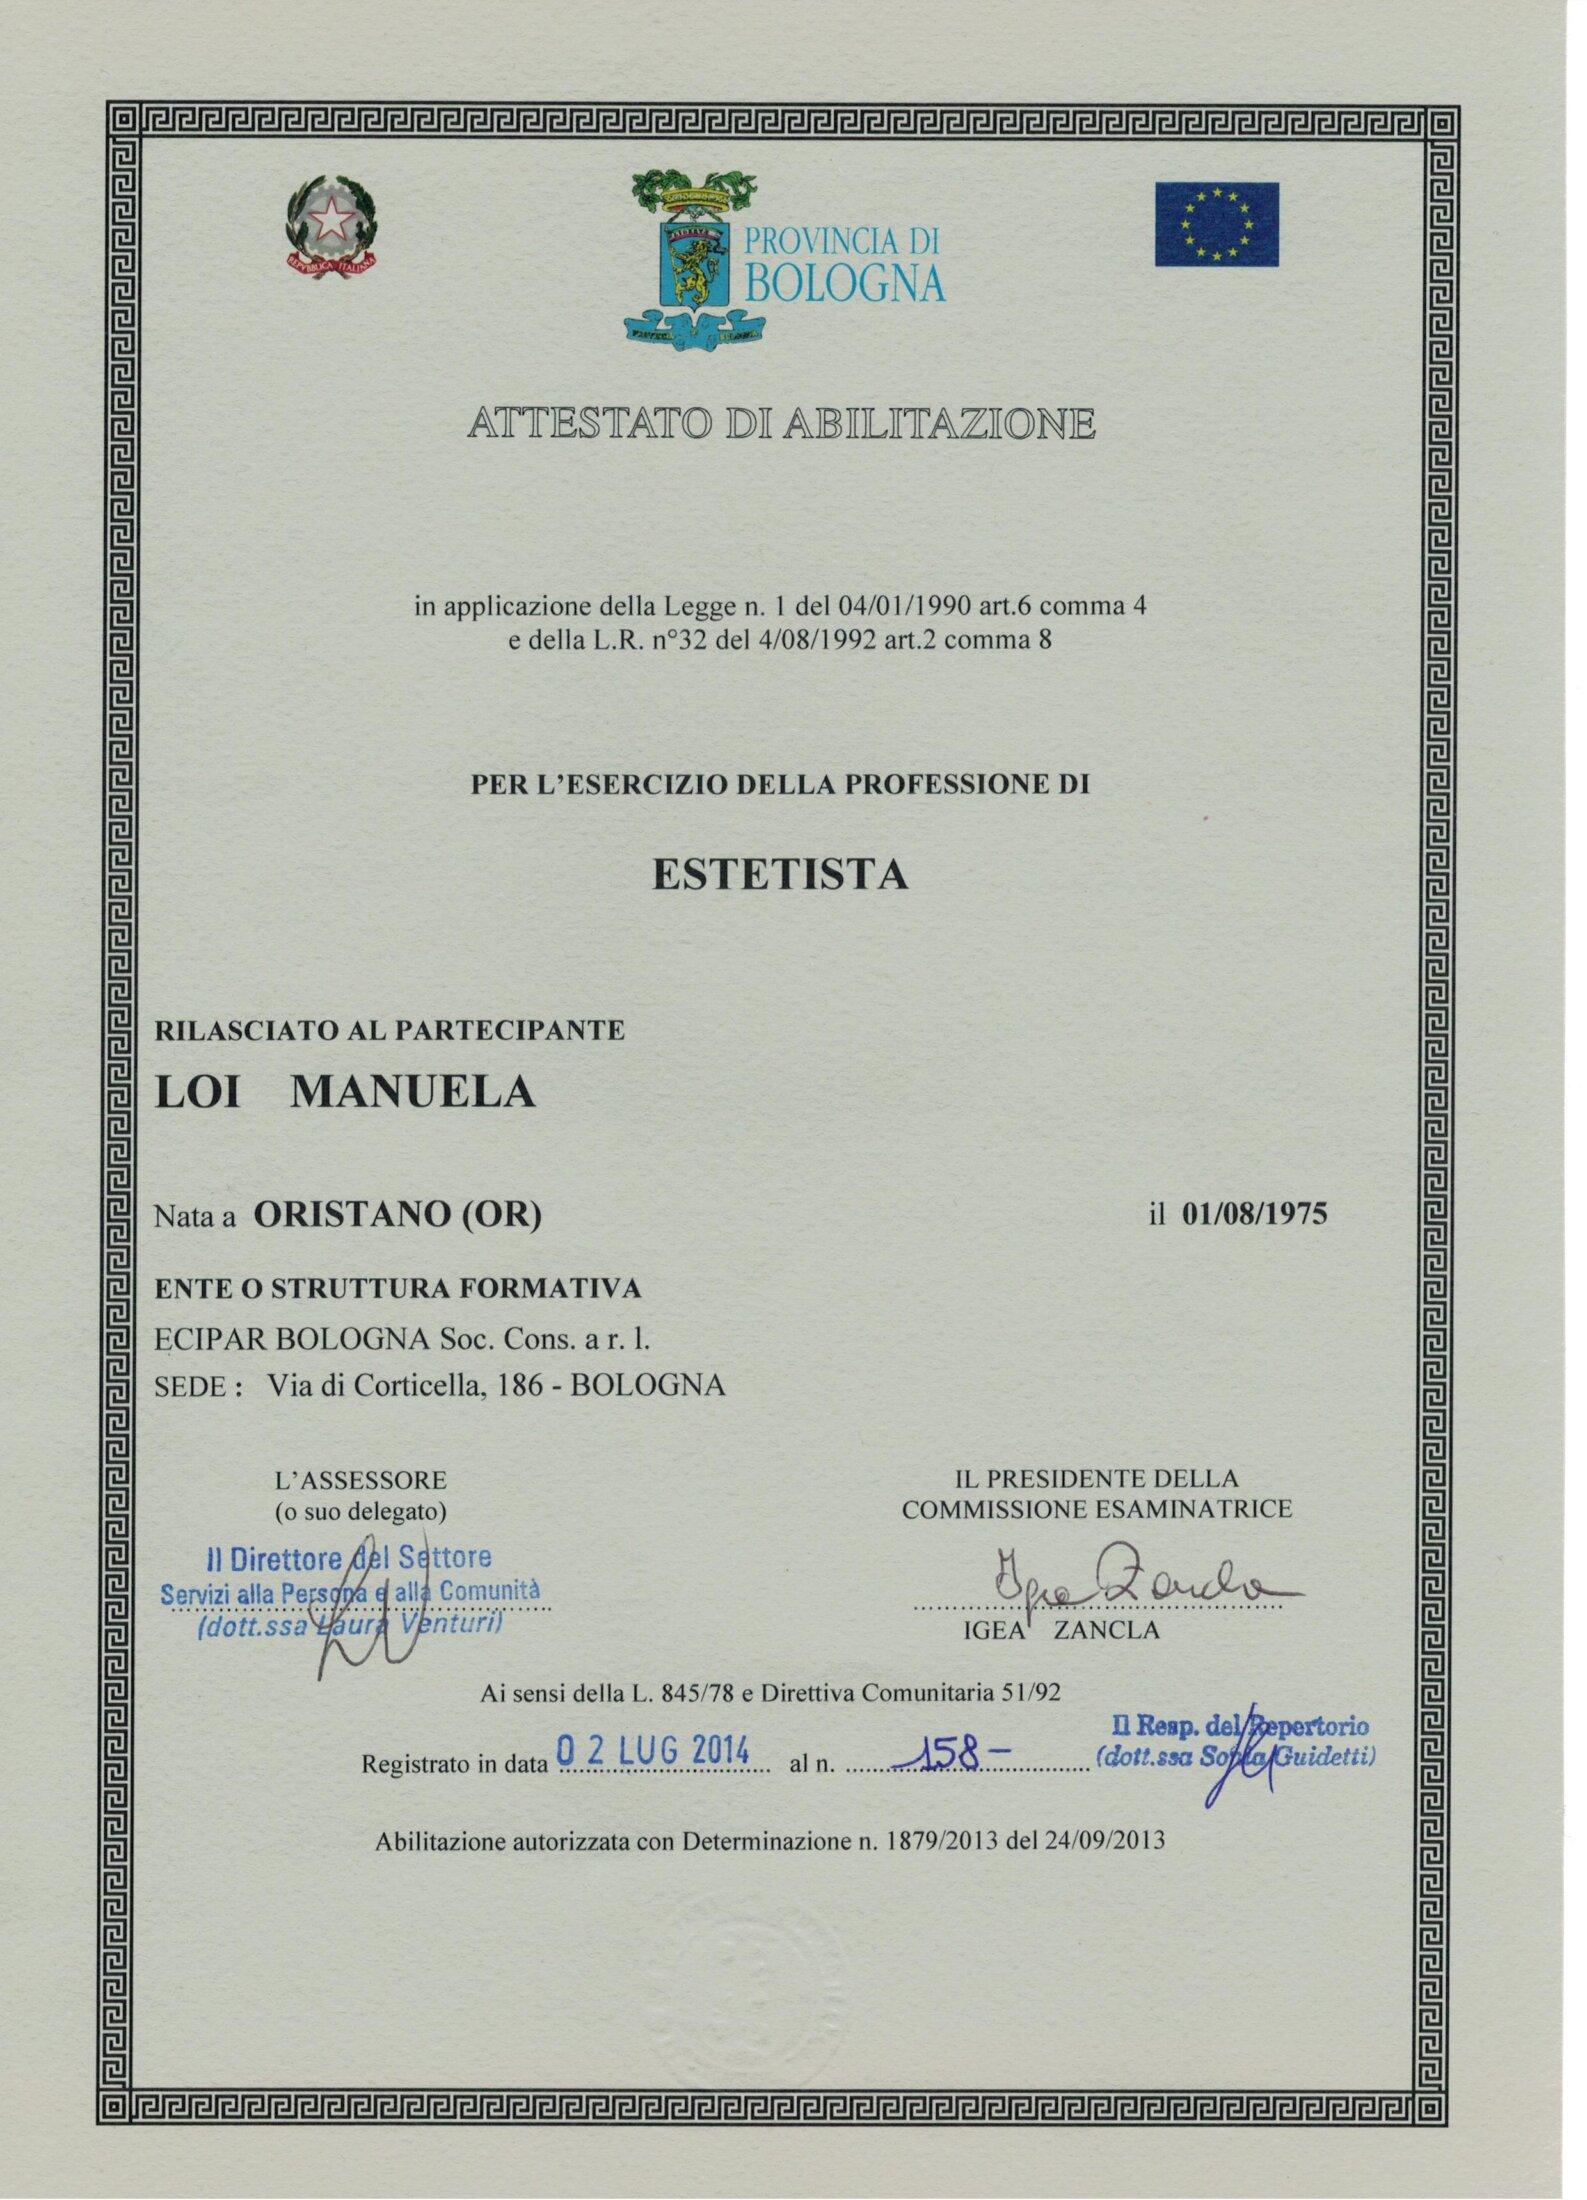 Attestato3